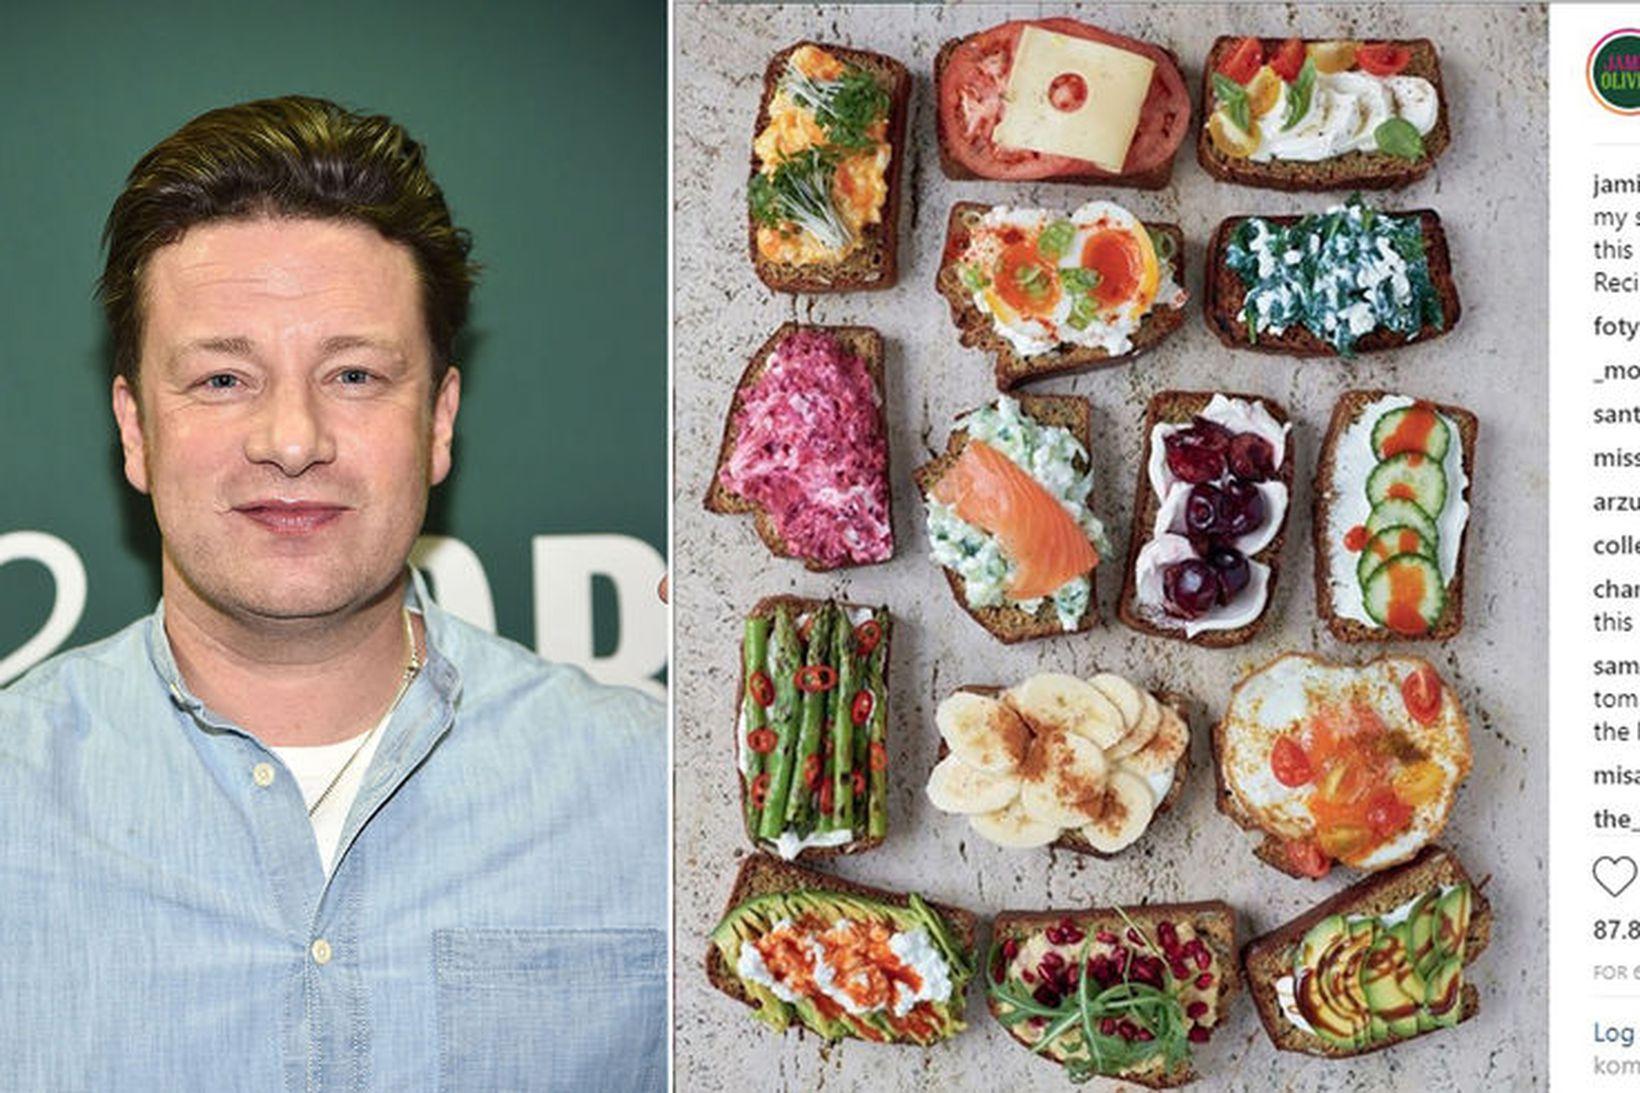 Jamie Oliver kveikti í dönsku þjóðinni með nýjustu mynd sinni …